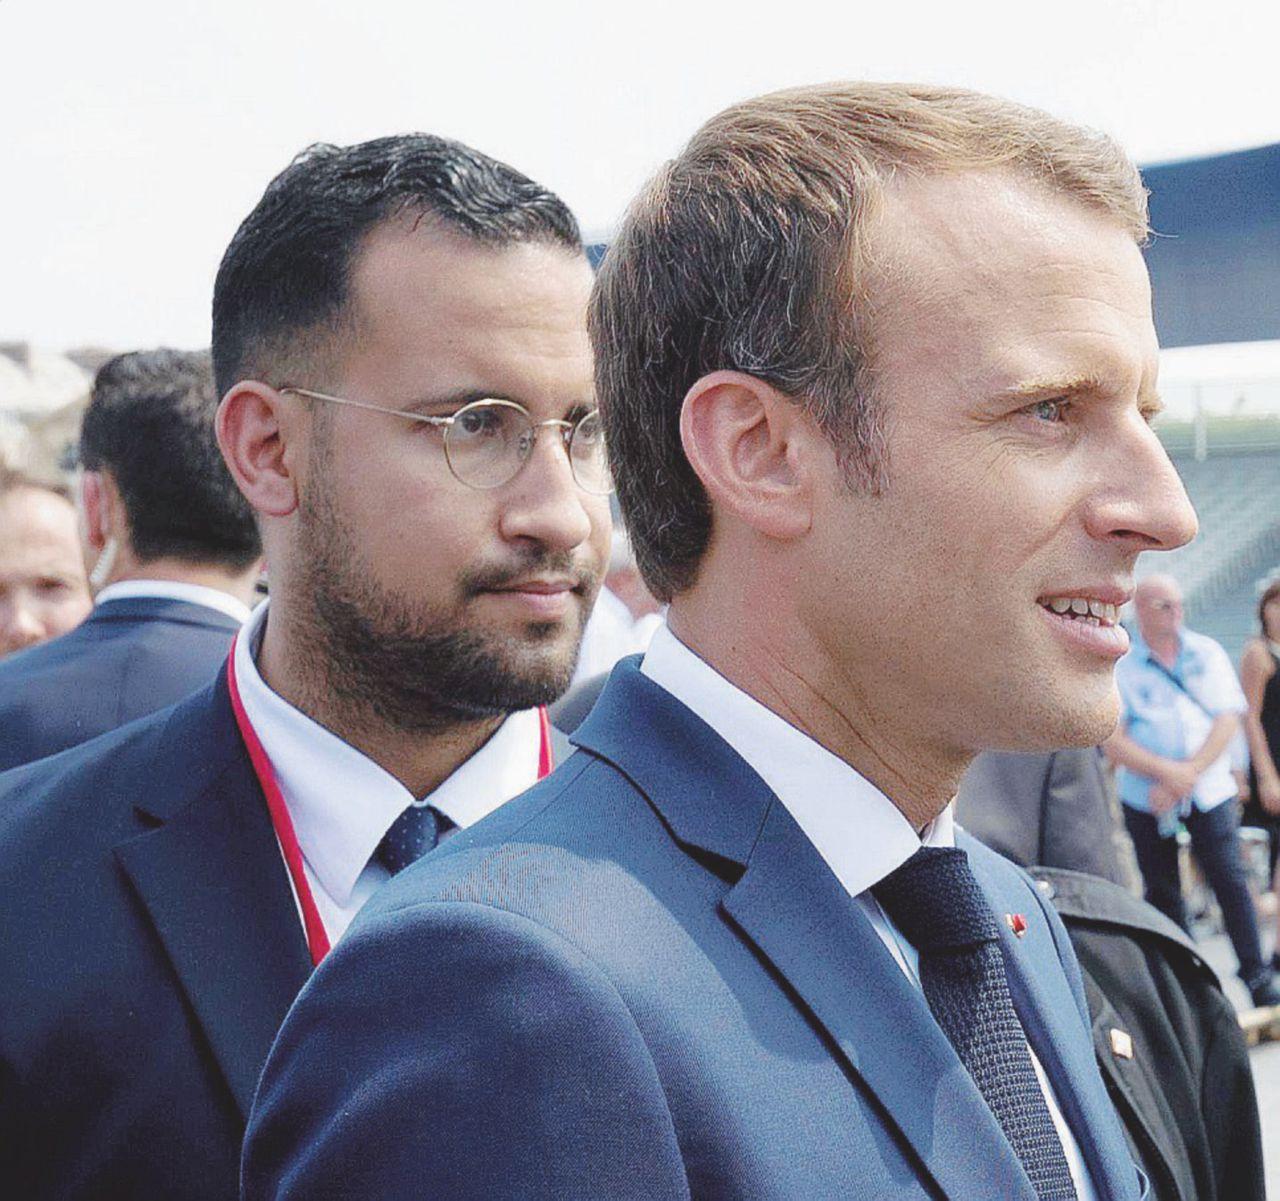 L'ennesima bugia: Macron alla parata con il picchiatore